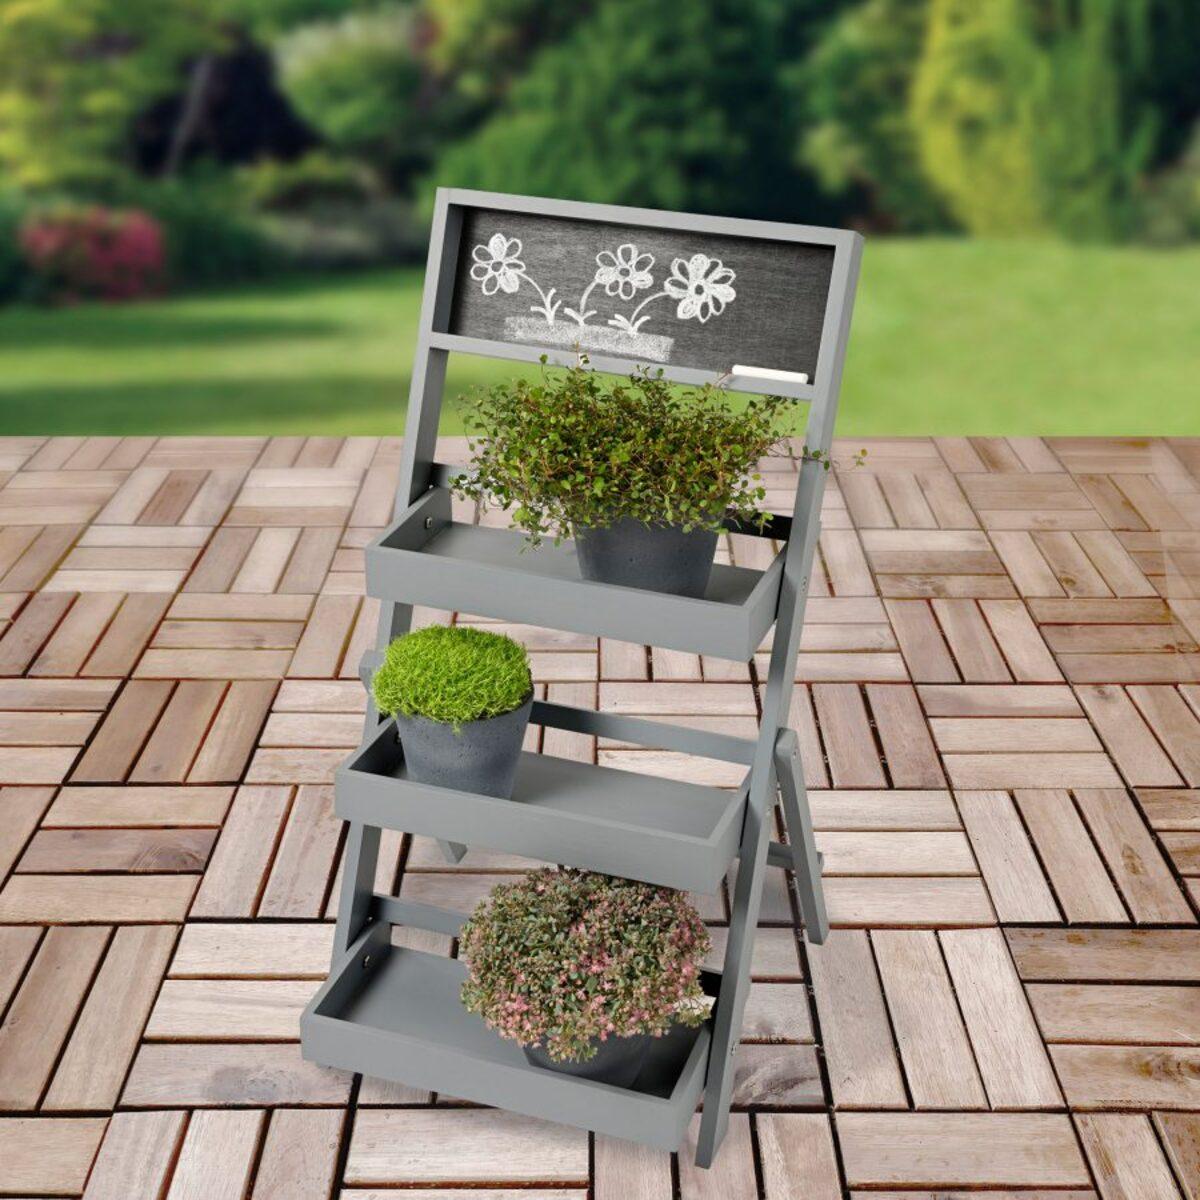 Bild 5 von LIVING ART     Deko-Holztreppe für Pflanzen